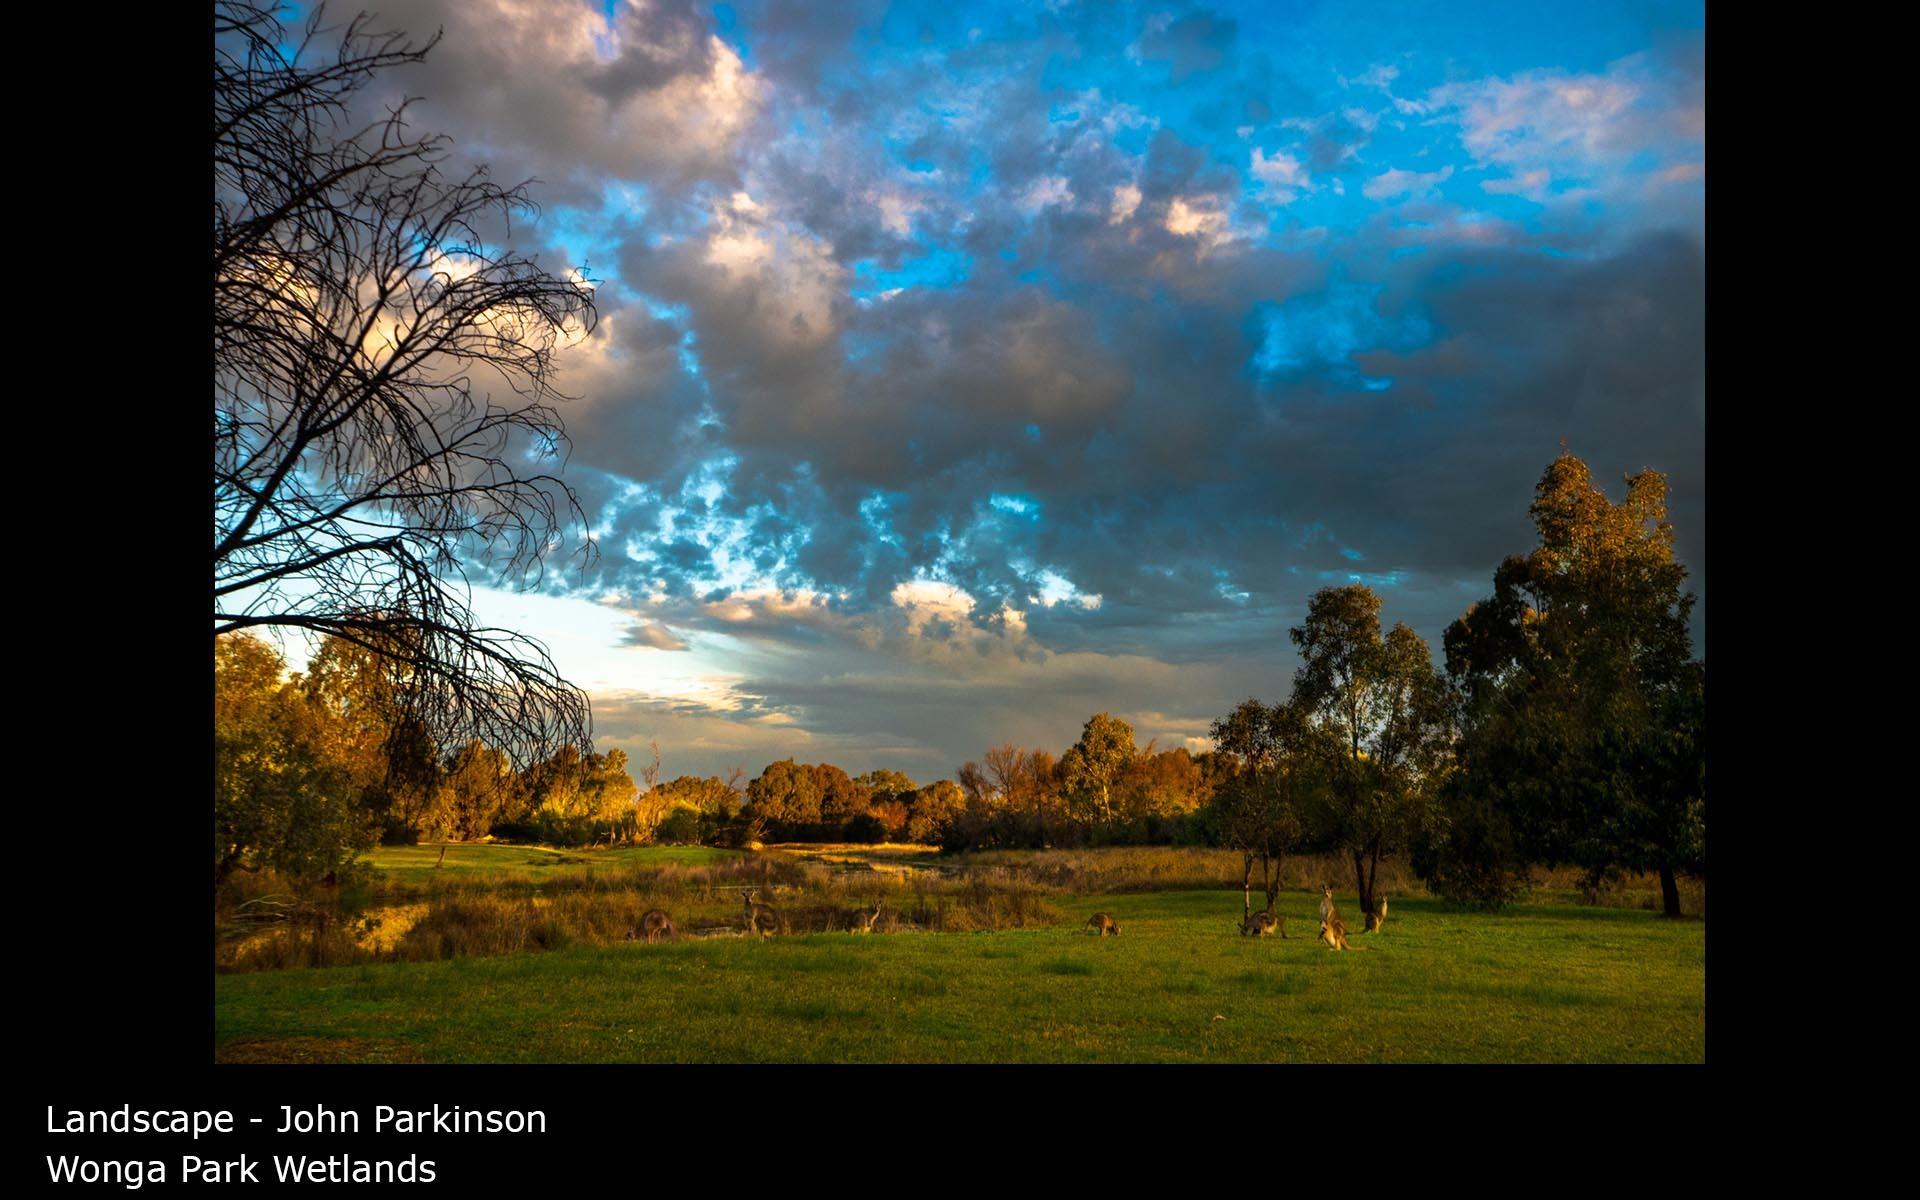 Wonga Park Wetlands - John Parkinson